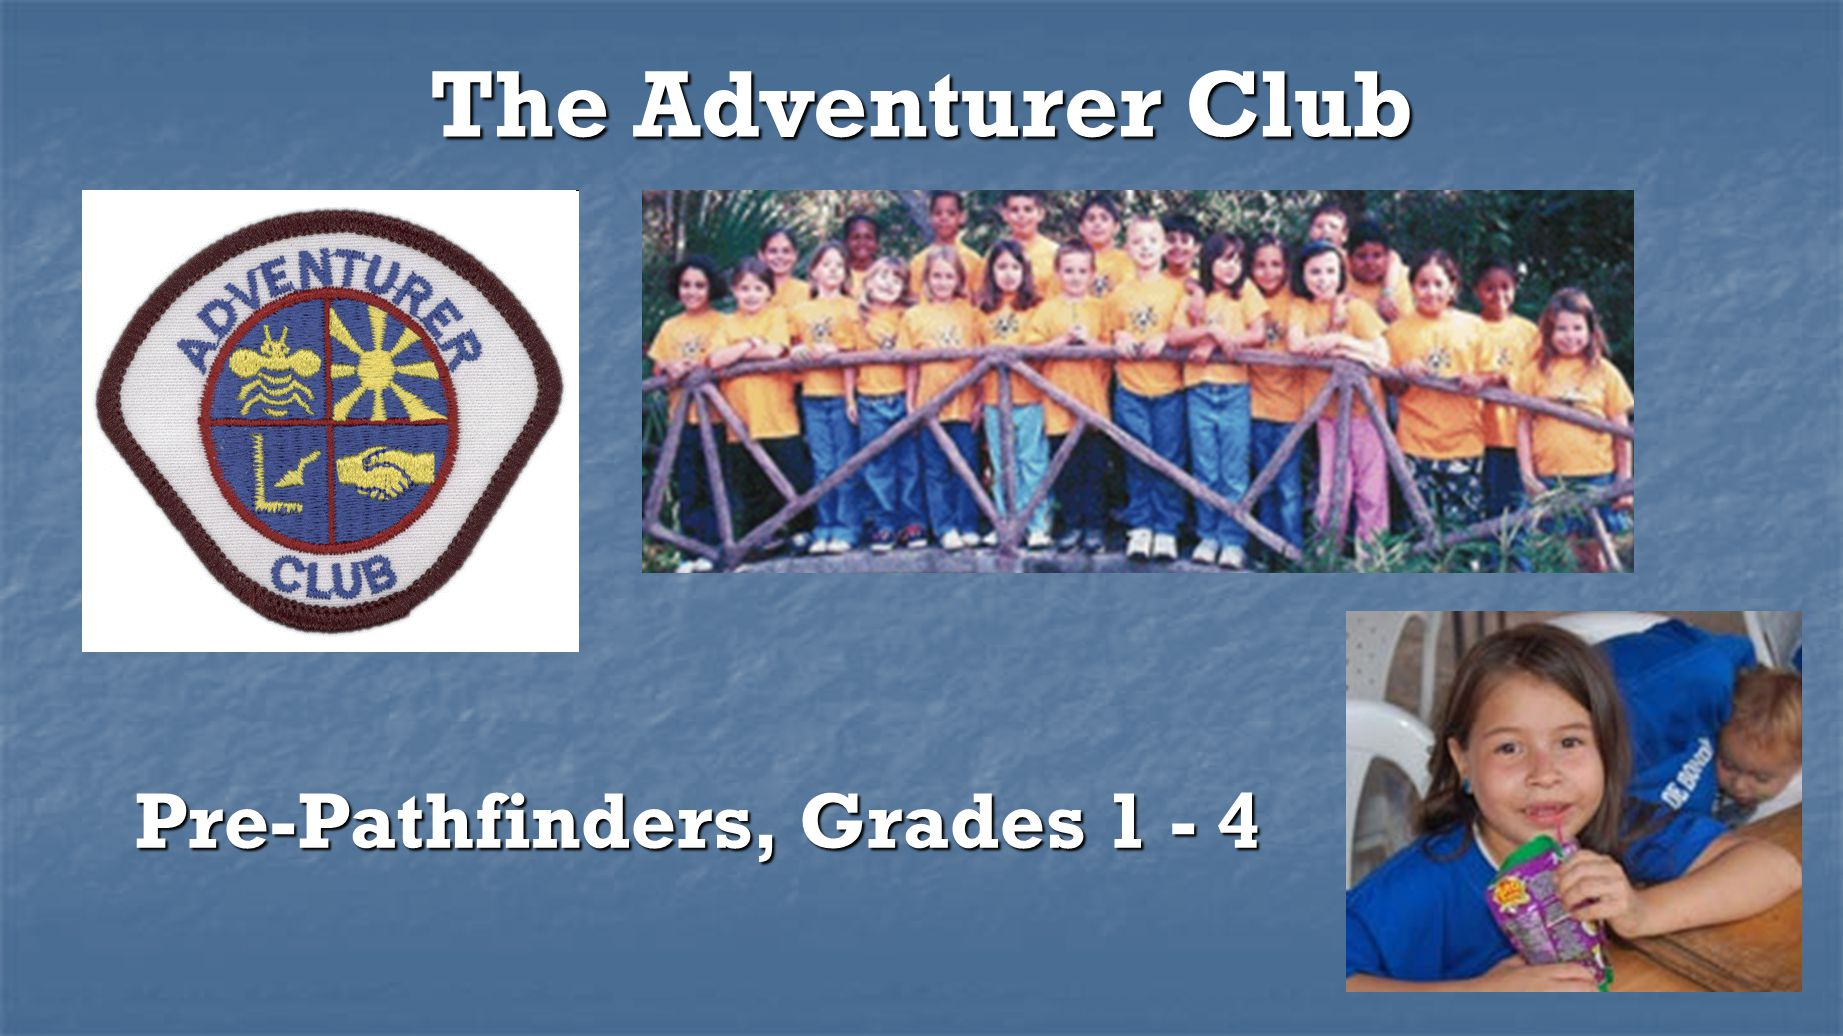 Pre-Pathfinders, Grades 1 - 4